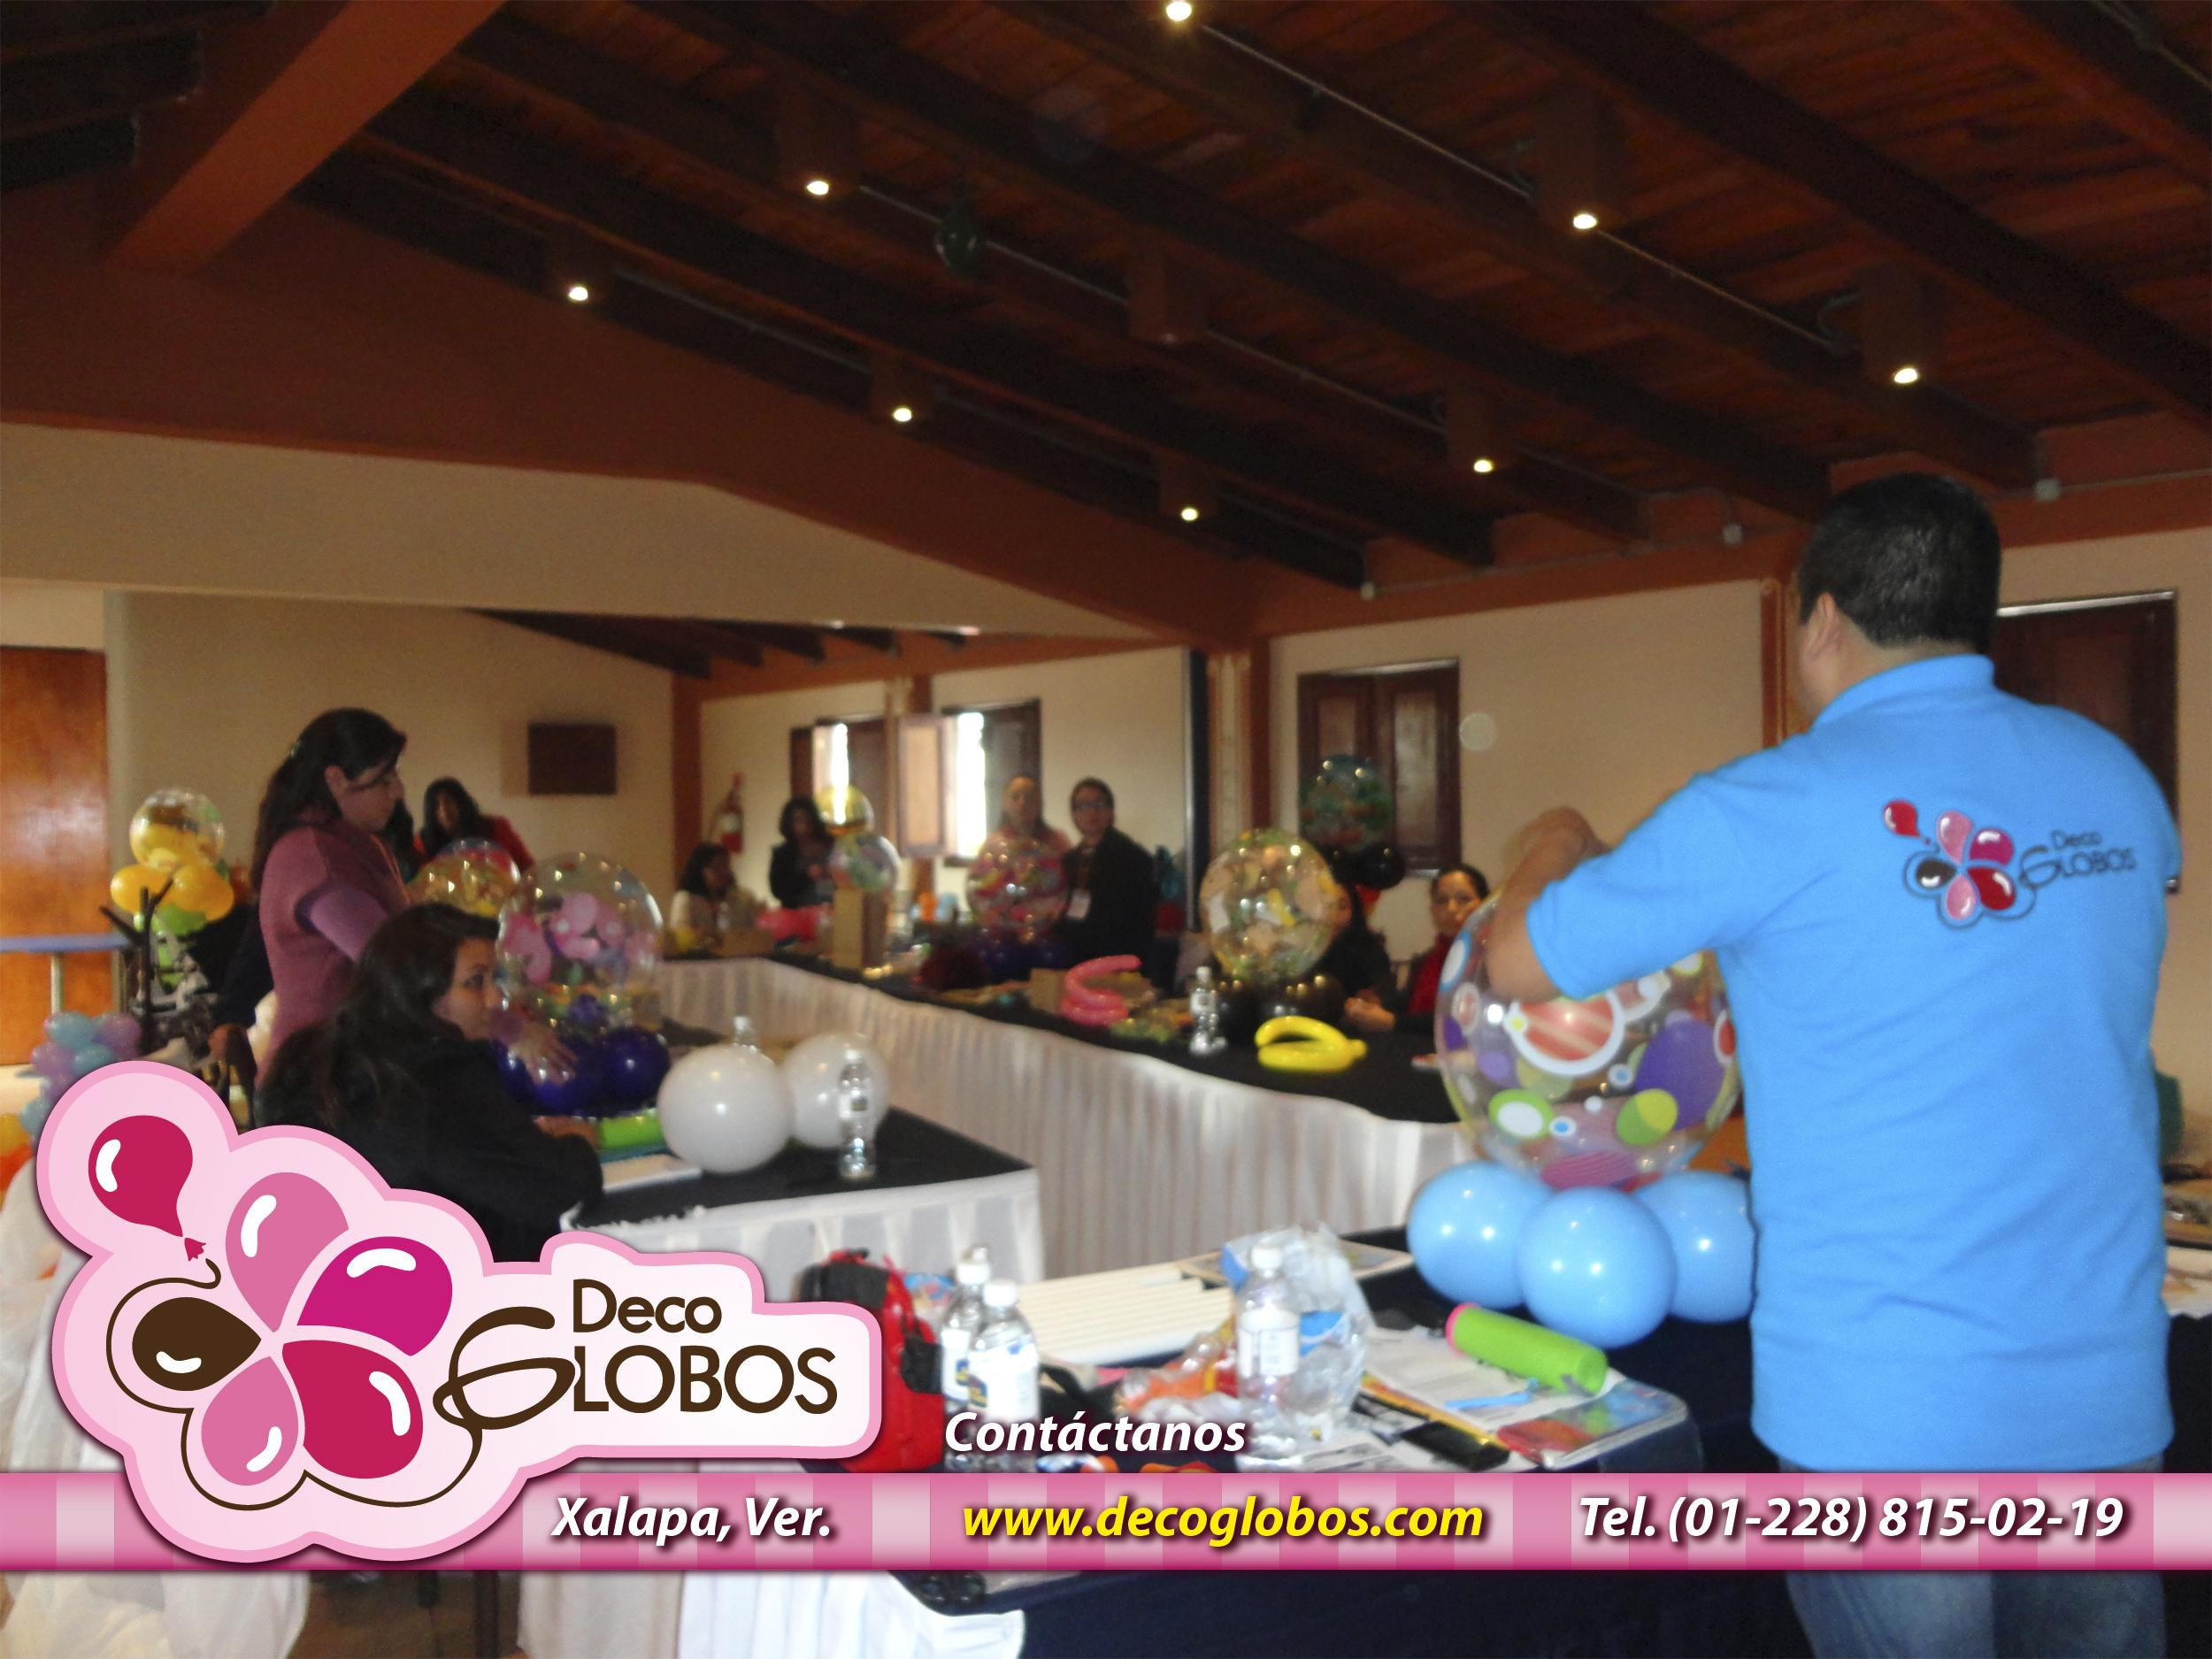 Curso Decoración Con Globos En Xalapa Veracruz 18 Y 19 De Julio De 2015